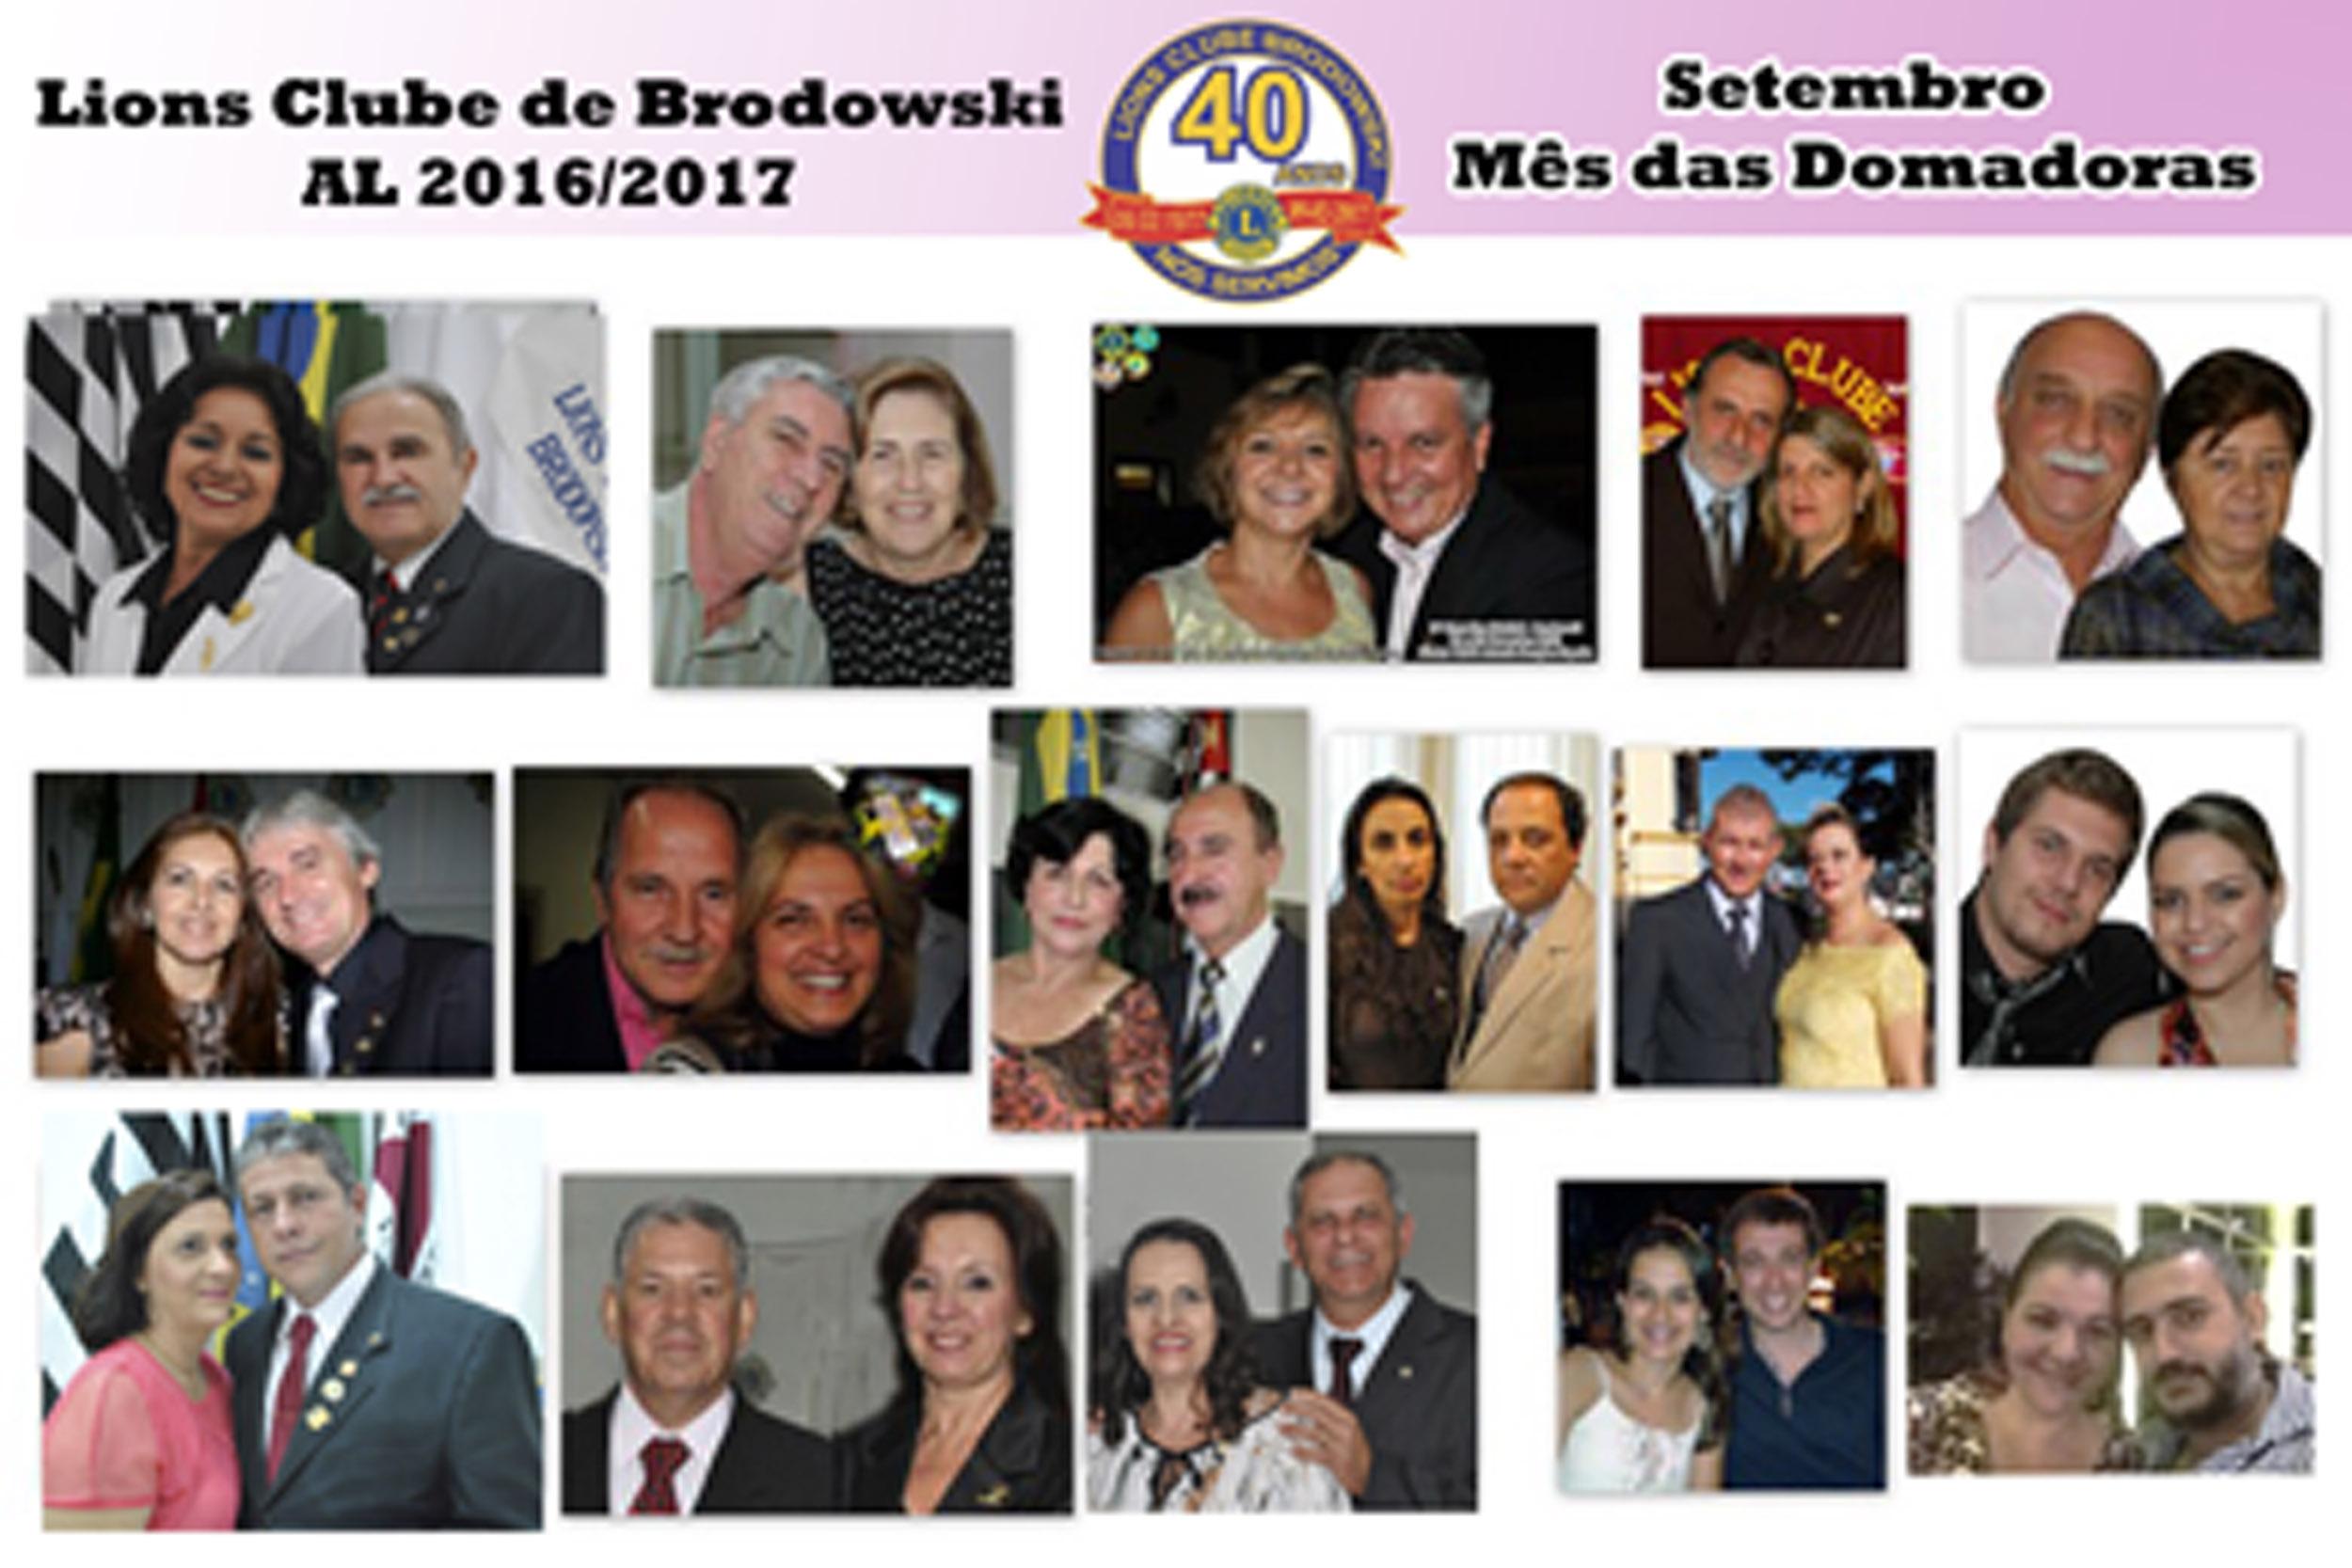 LC BRODOWSKI NO MES DAS DOMADORAS